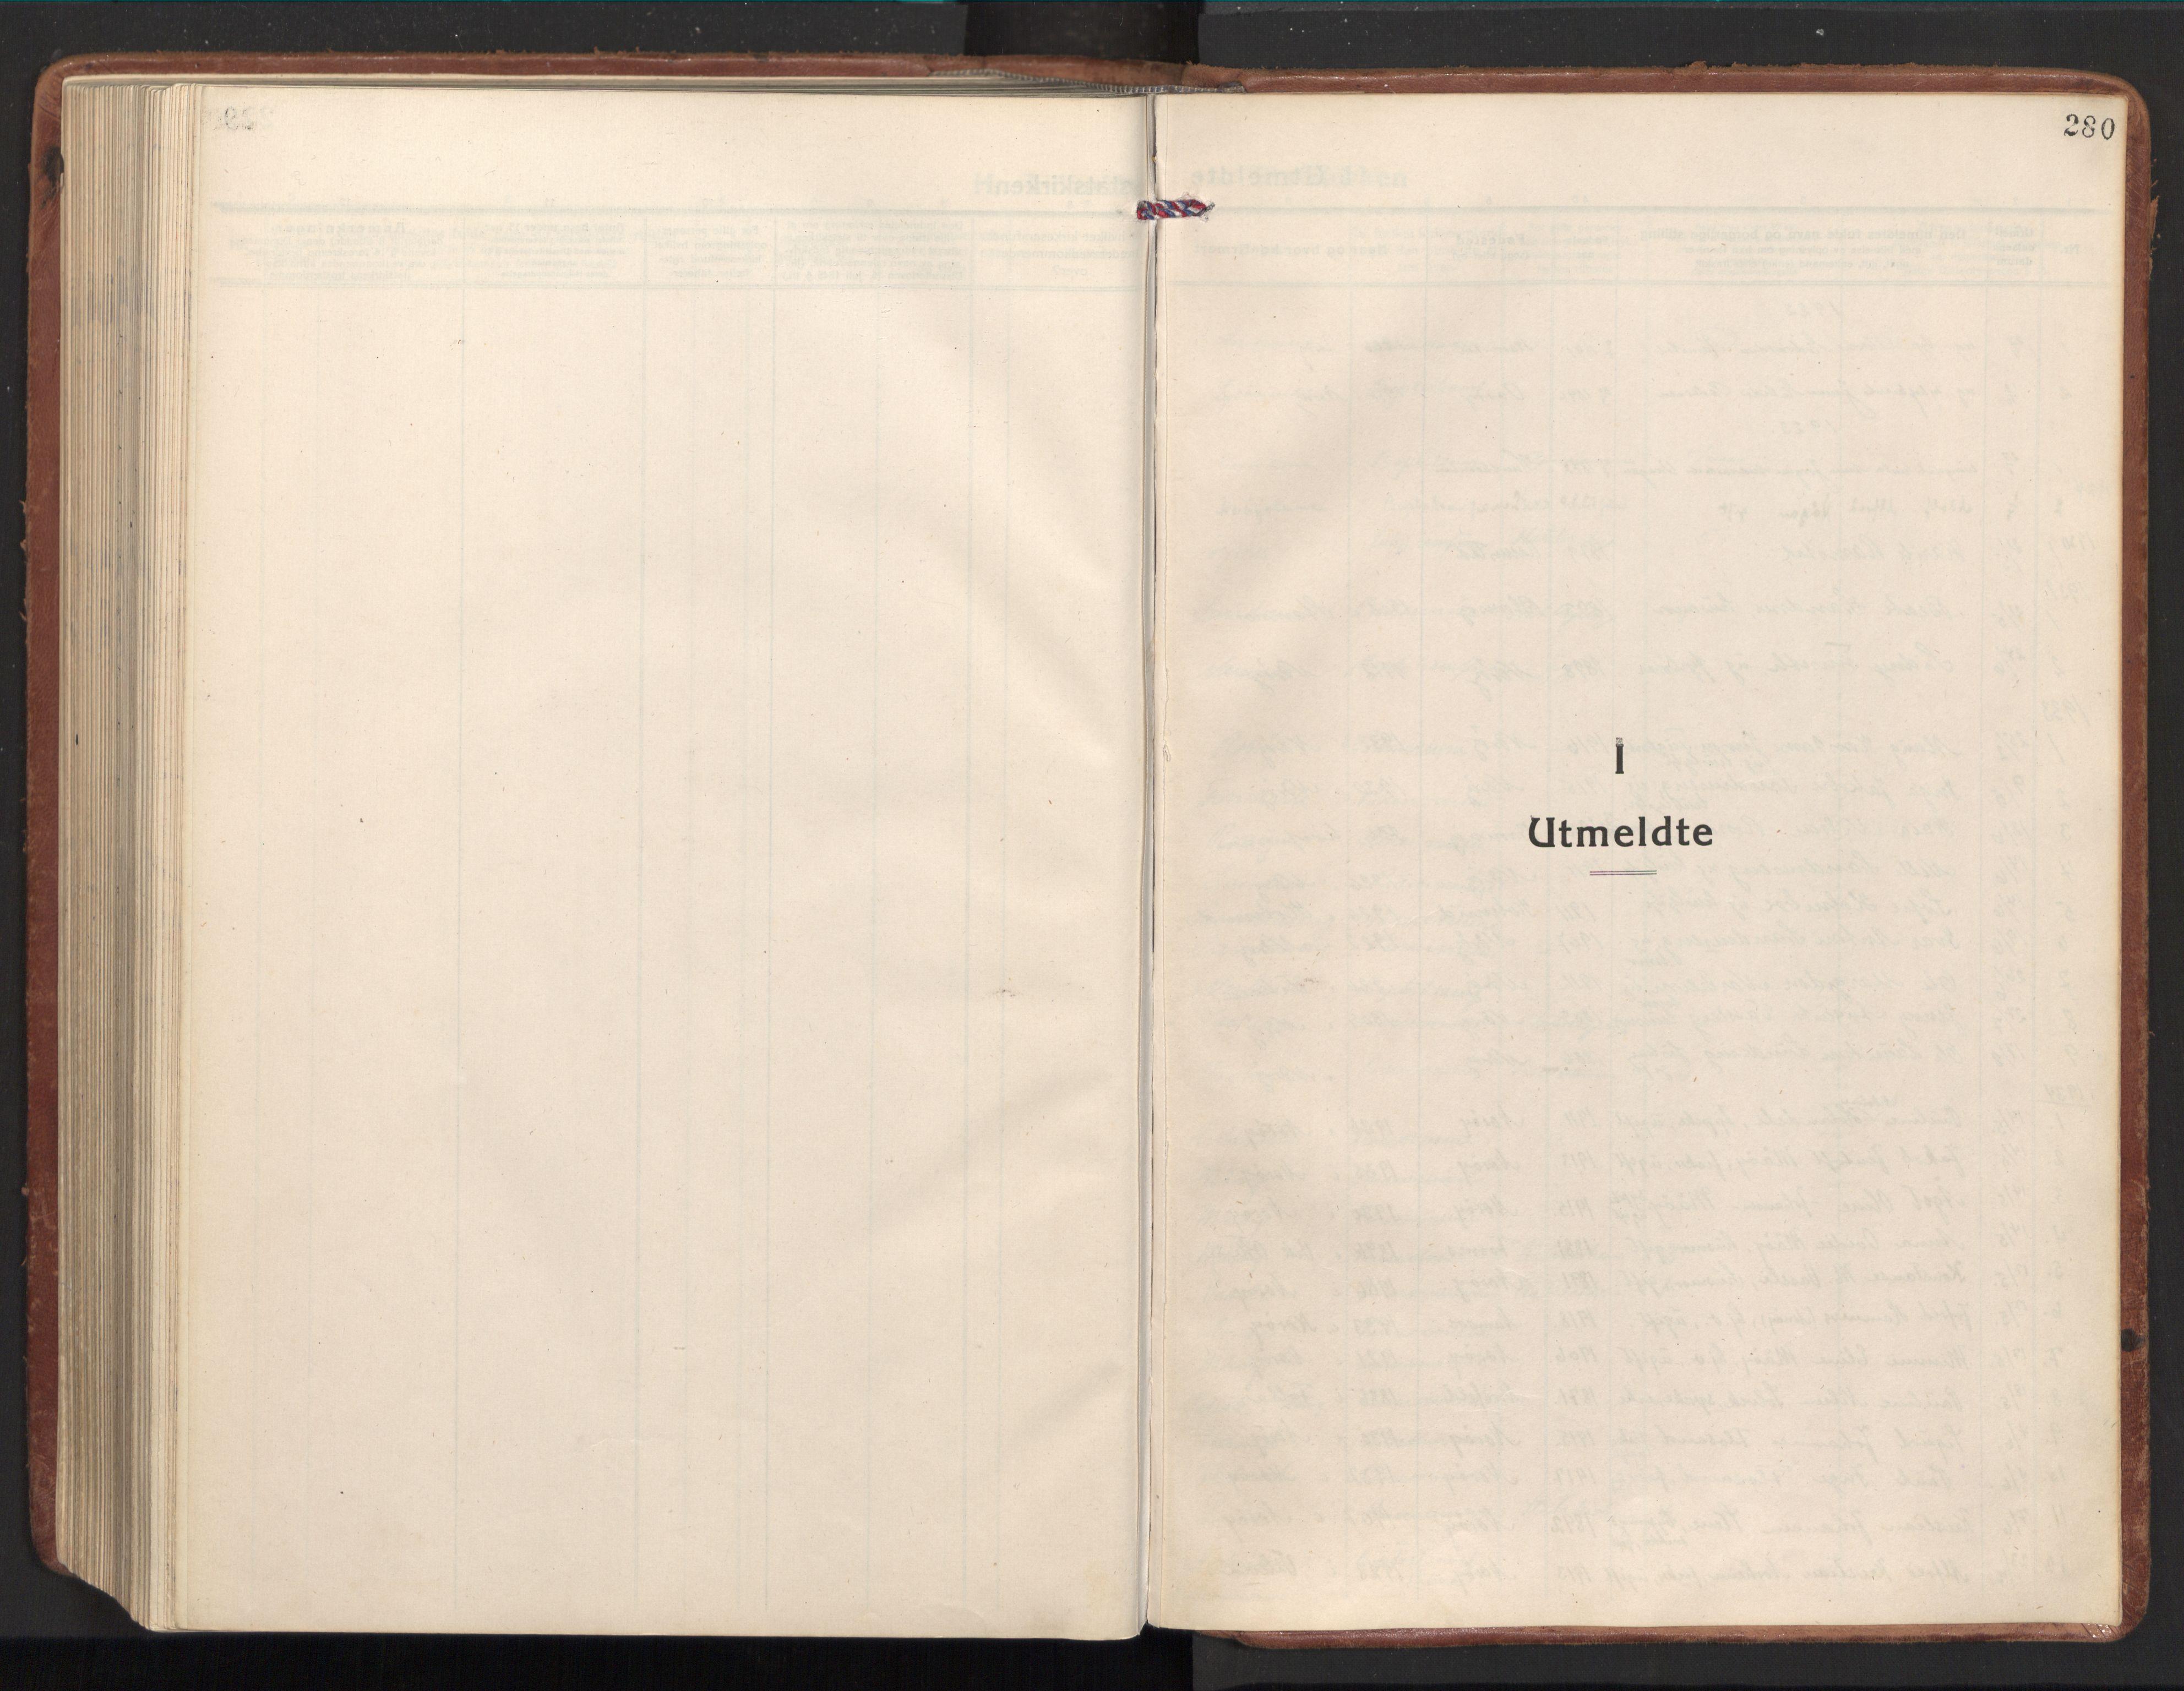 SAT, Ministerialprotokoller, klokkerbøker og fødselsregistre - Nord-Trøndelag, 784/L0678: Ministerialbok nr. 784A13, 1921-1938, s. 280